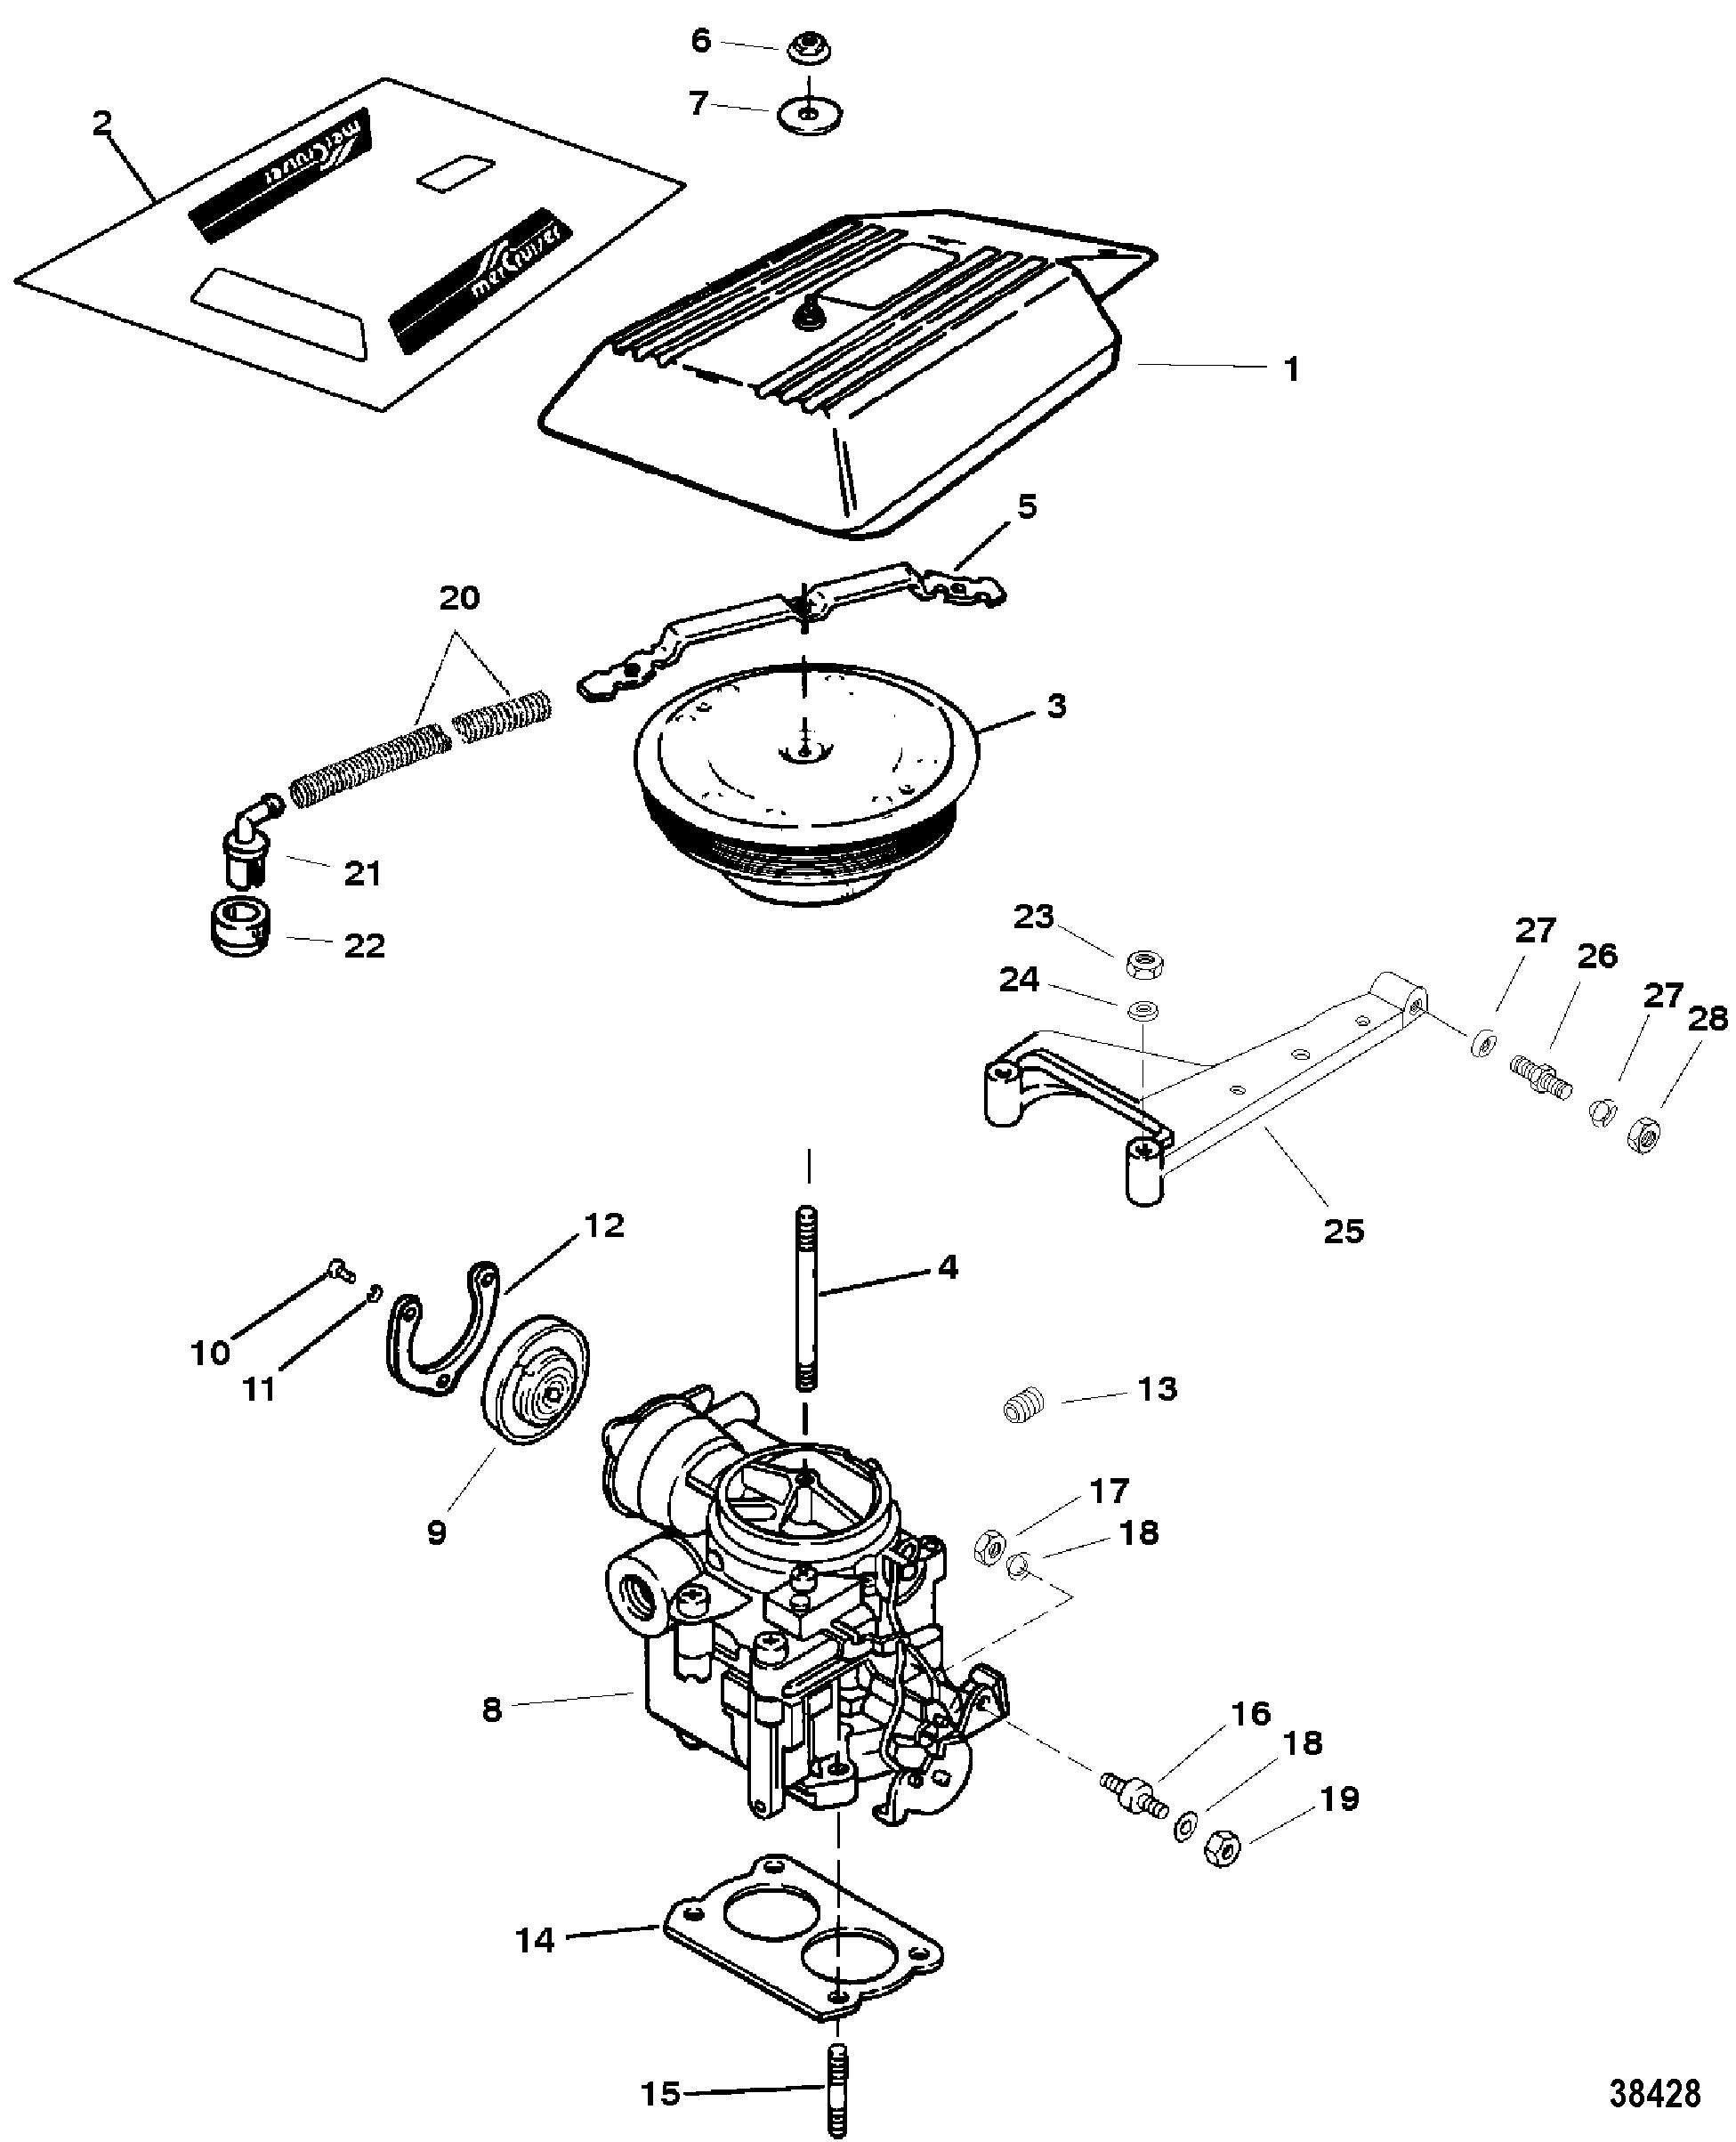 Carburetor And Throttle Linkage 2 Barrel For Mercruiser 4 3l 4 3lx Alpha One Engine 262 Cid Gen Ii